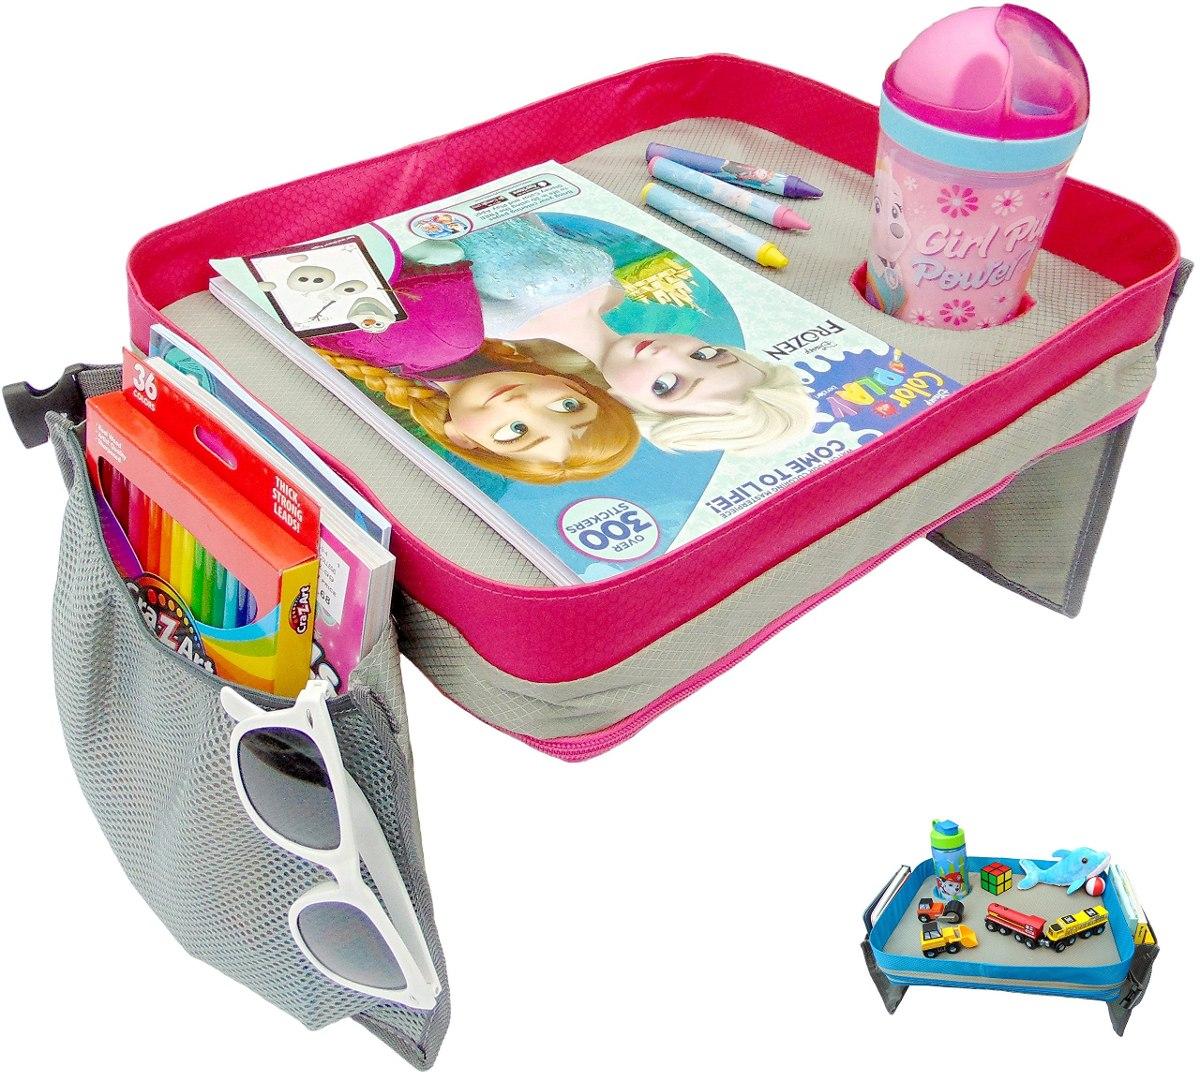 7d5747c2366b bandeja de viaje para niños - bandeja para coche con asie. Cargando zoom.